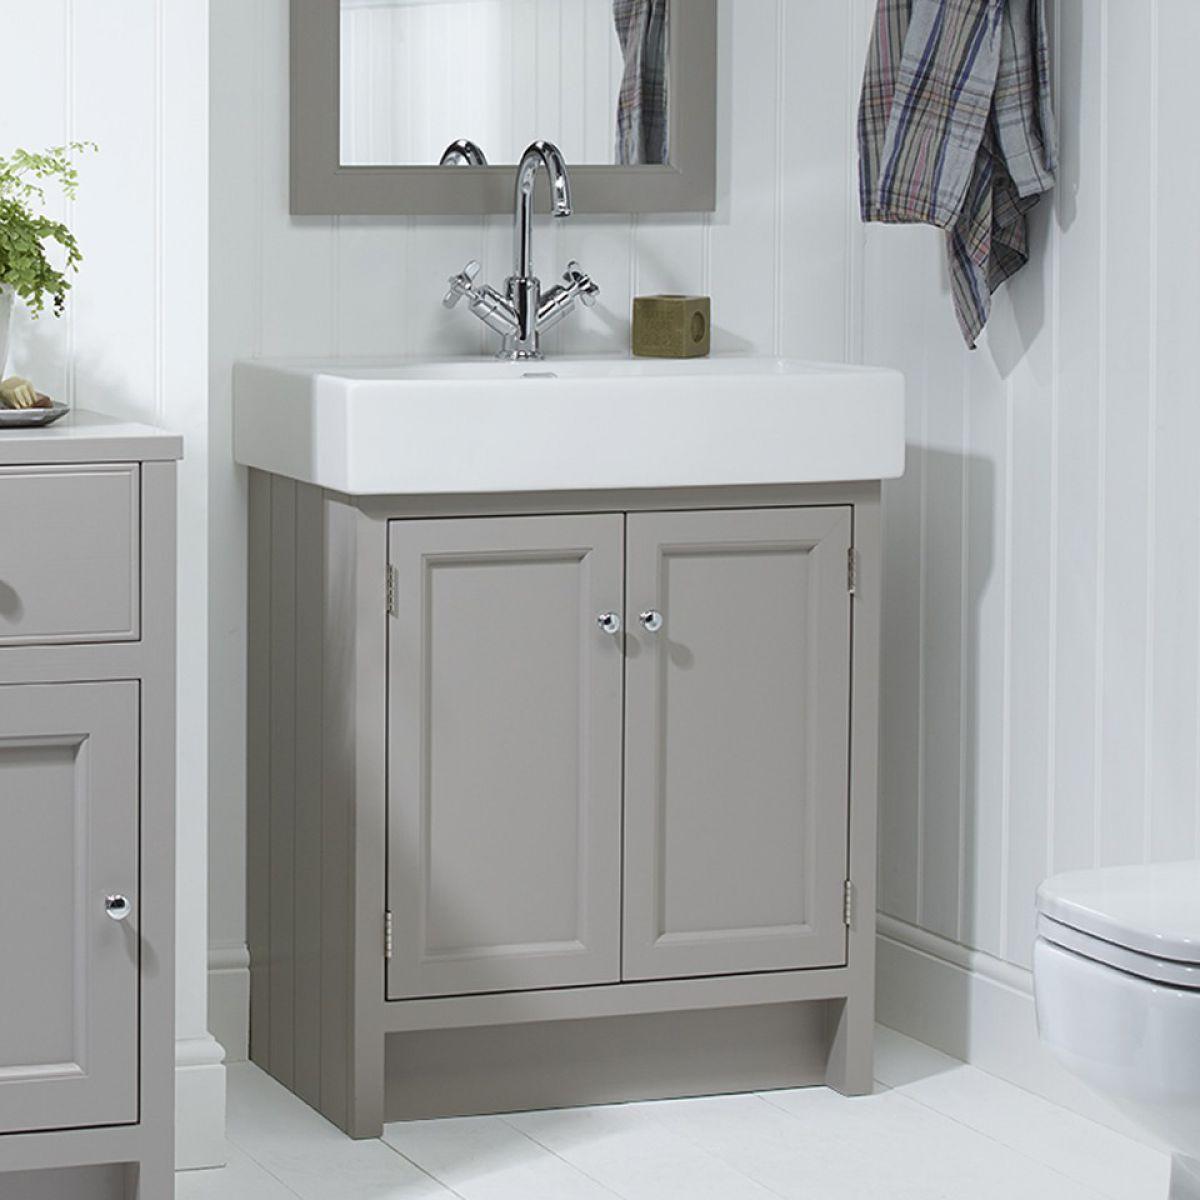 Roper rhodes hampton basin unit uk bathrooms for Bathroom cabinets victoria plumb